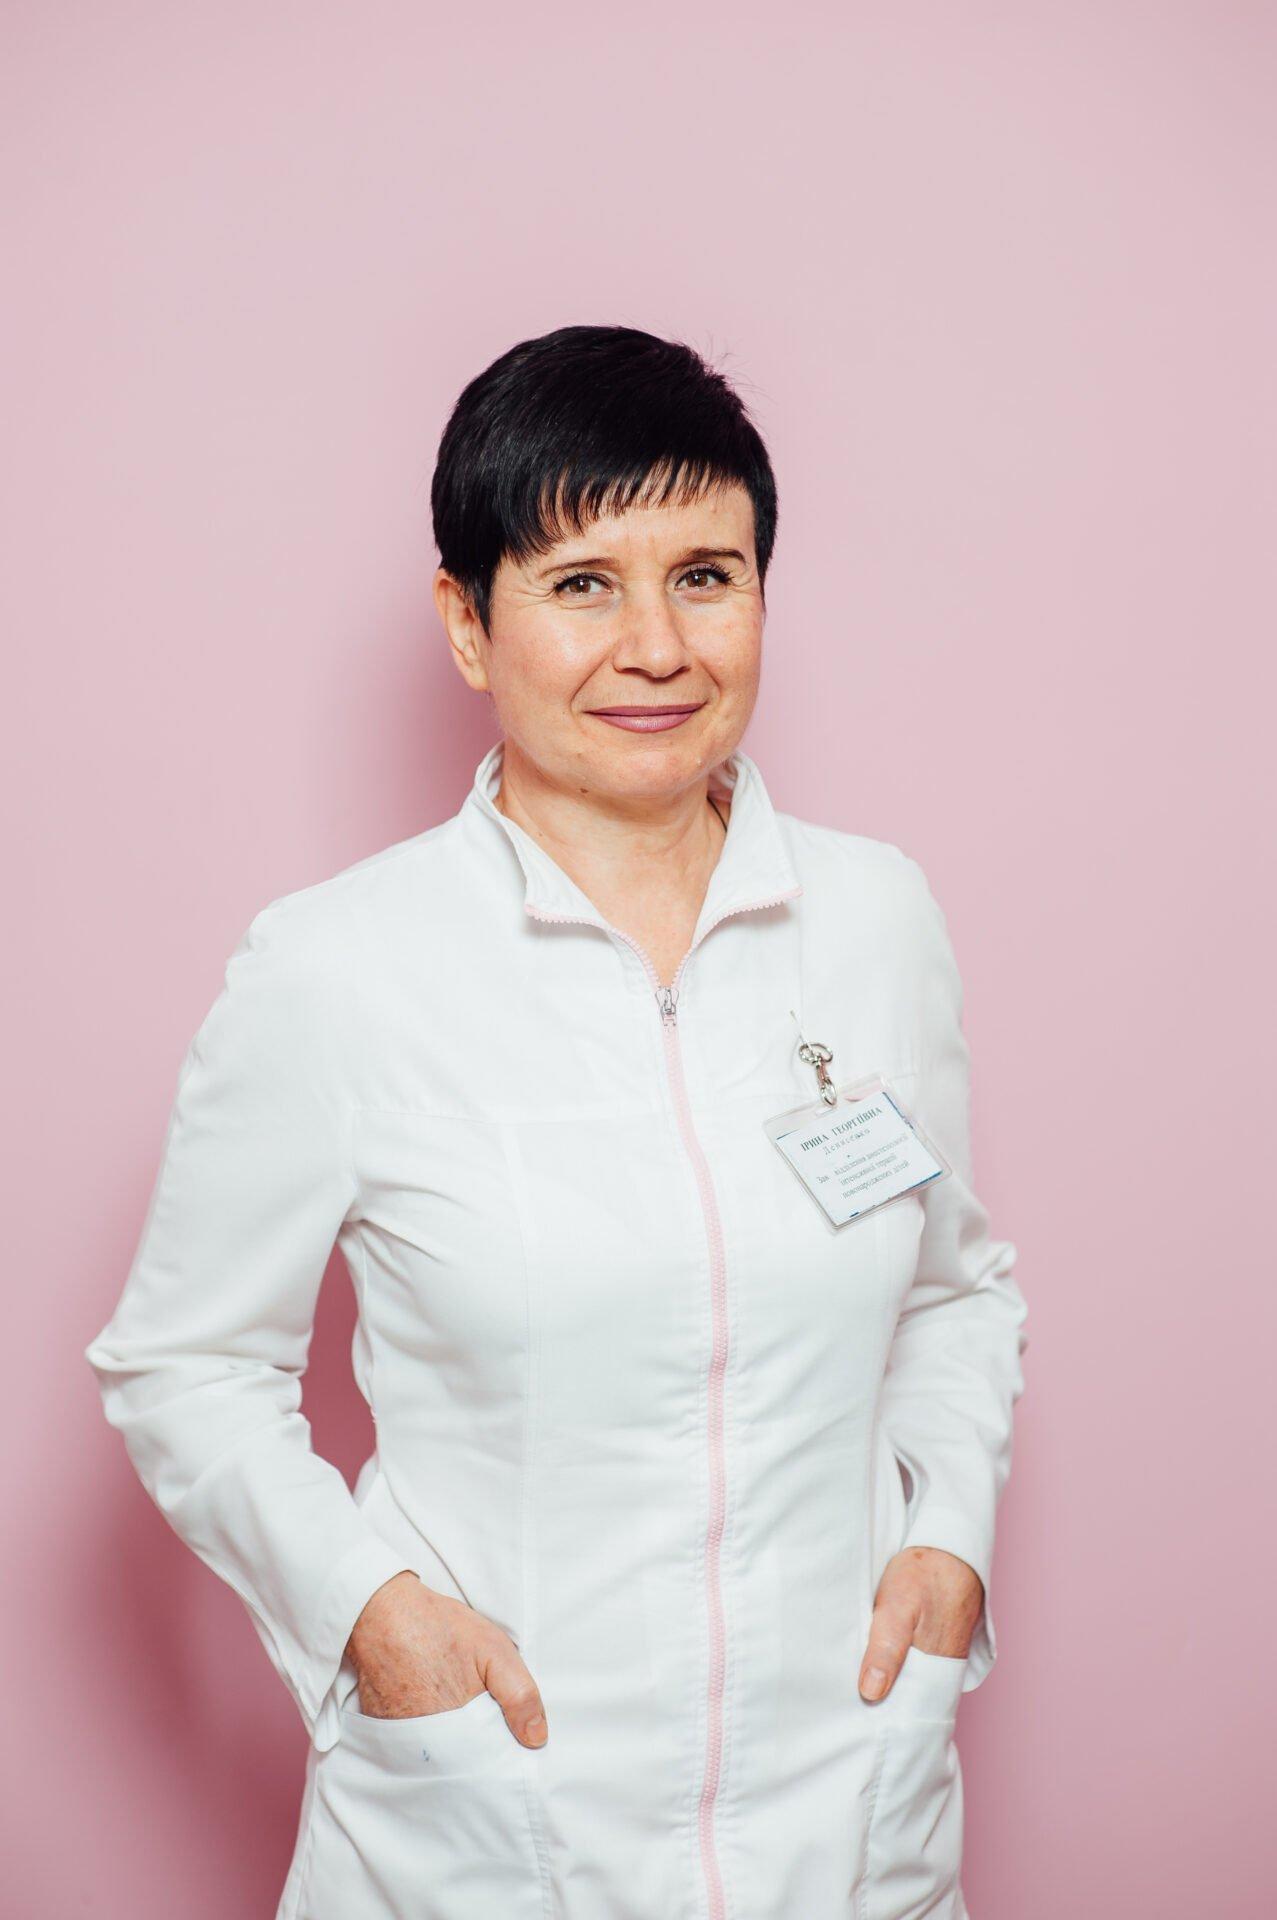 Денисенко Ірина Георгіївна Міська дитяча лікарня №5 детская больница Запорожье